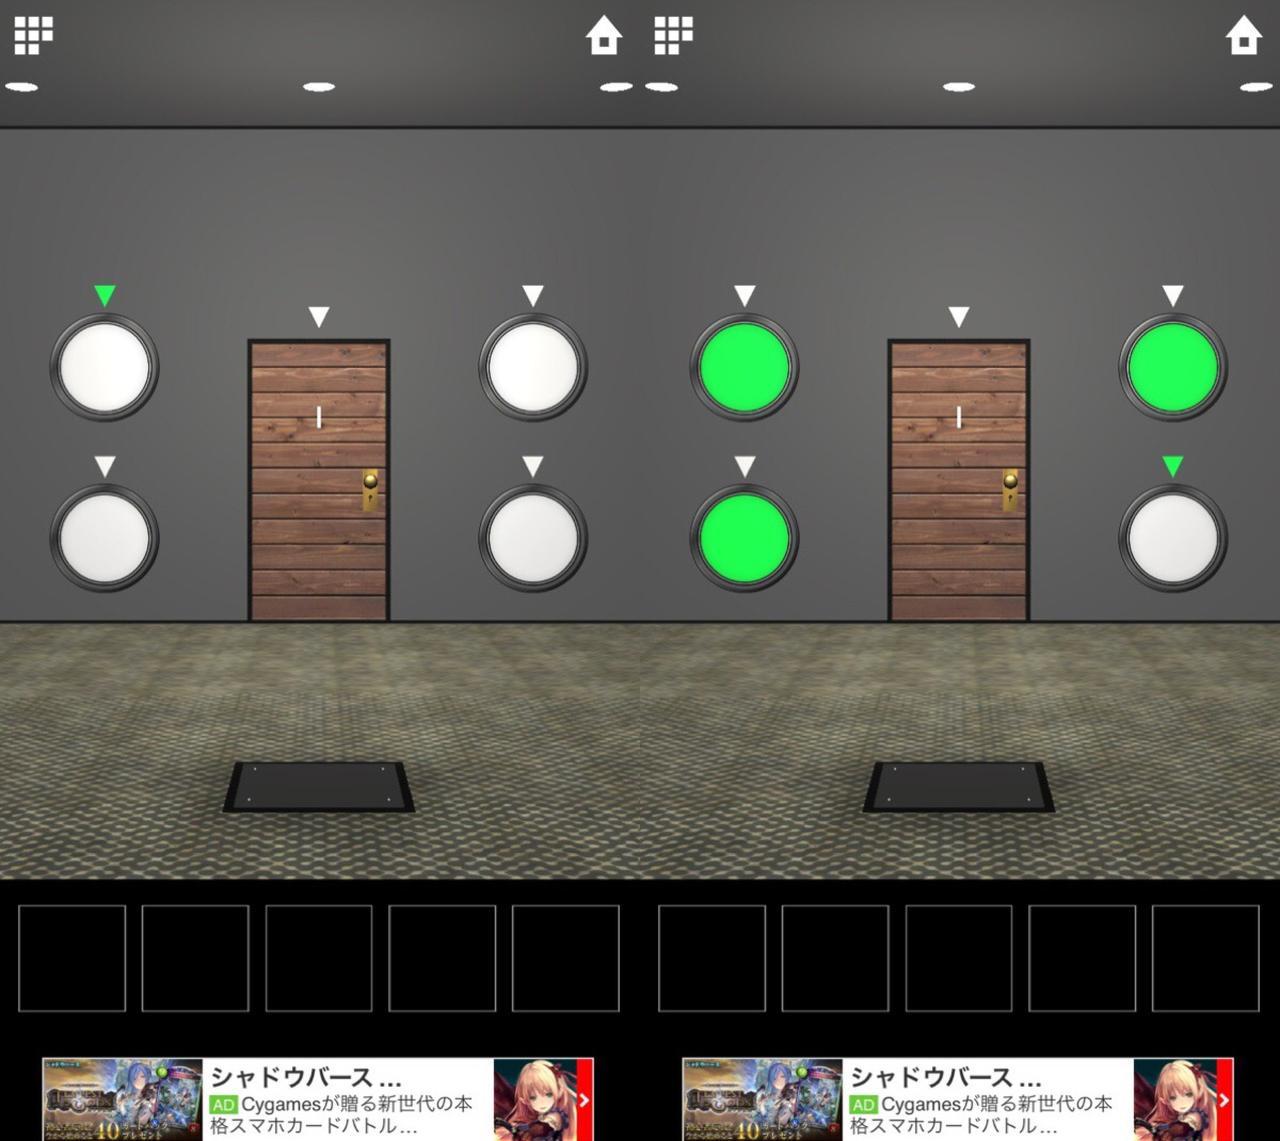 画像1: まずステージ1で解き方を見てみましょう。